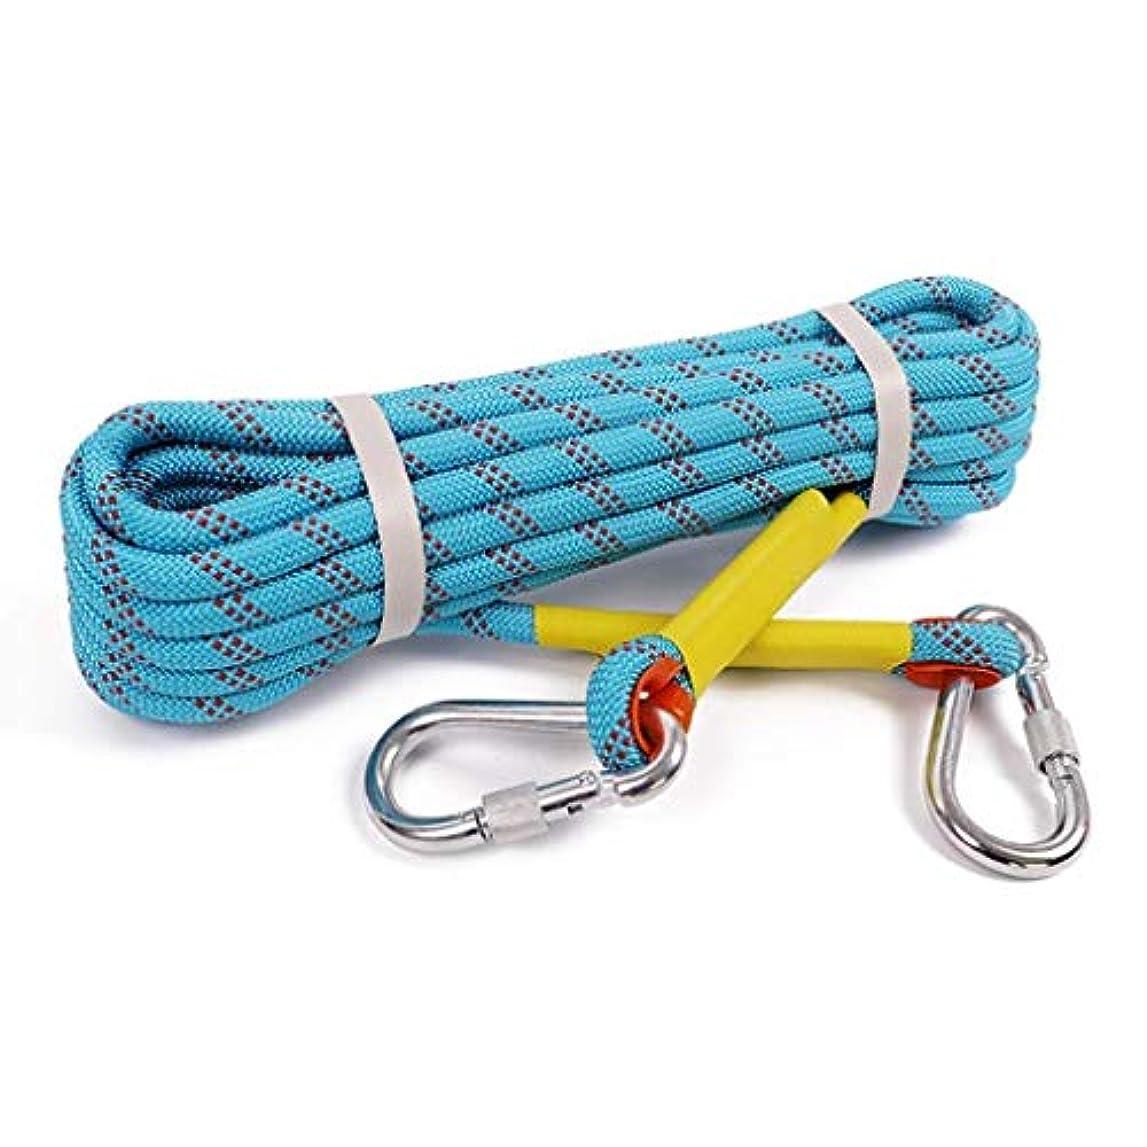 病者群衆重要登山ロープの家の火の緊急脱出ロープ、ハイキングの洞窟探検のキャンプの救助調査および工学保護のための多機能のコードの安全ロープ。 (Color : 青, Size : 10m*8mm)